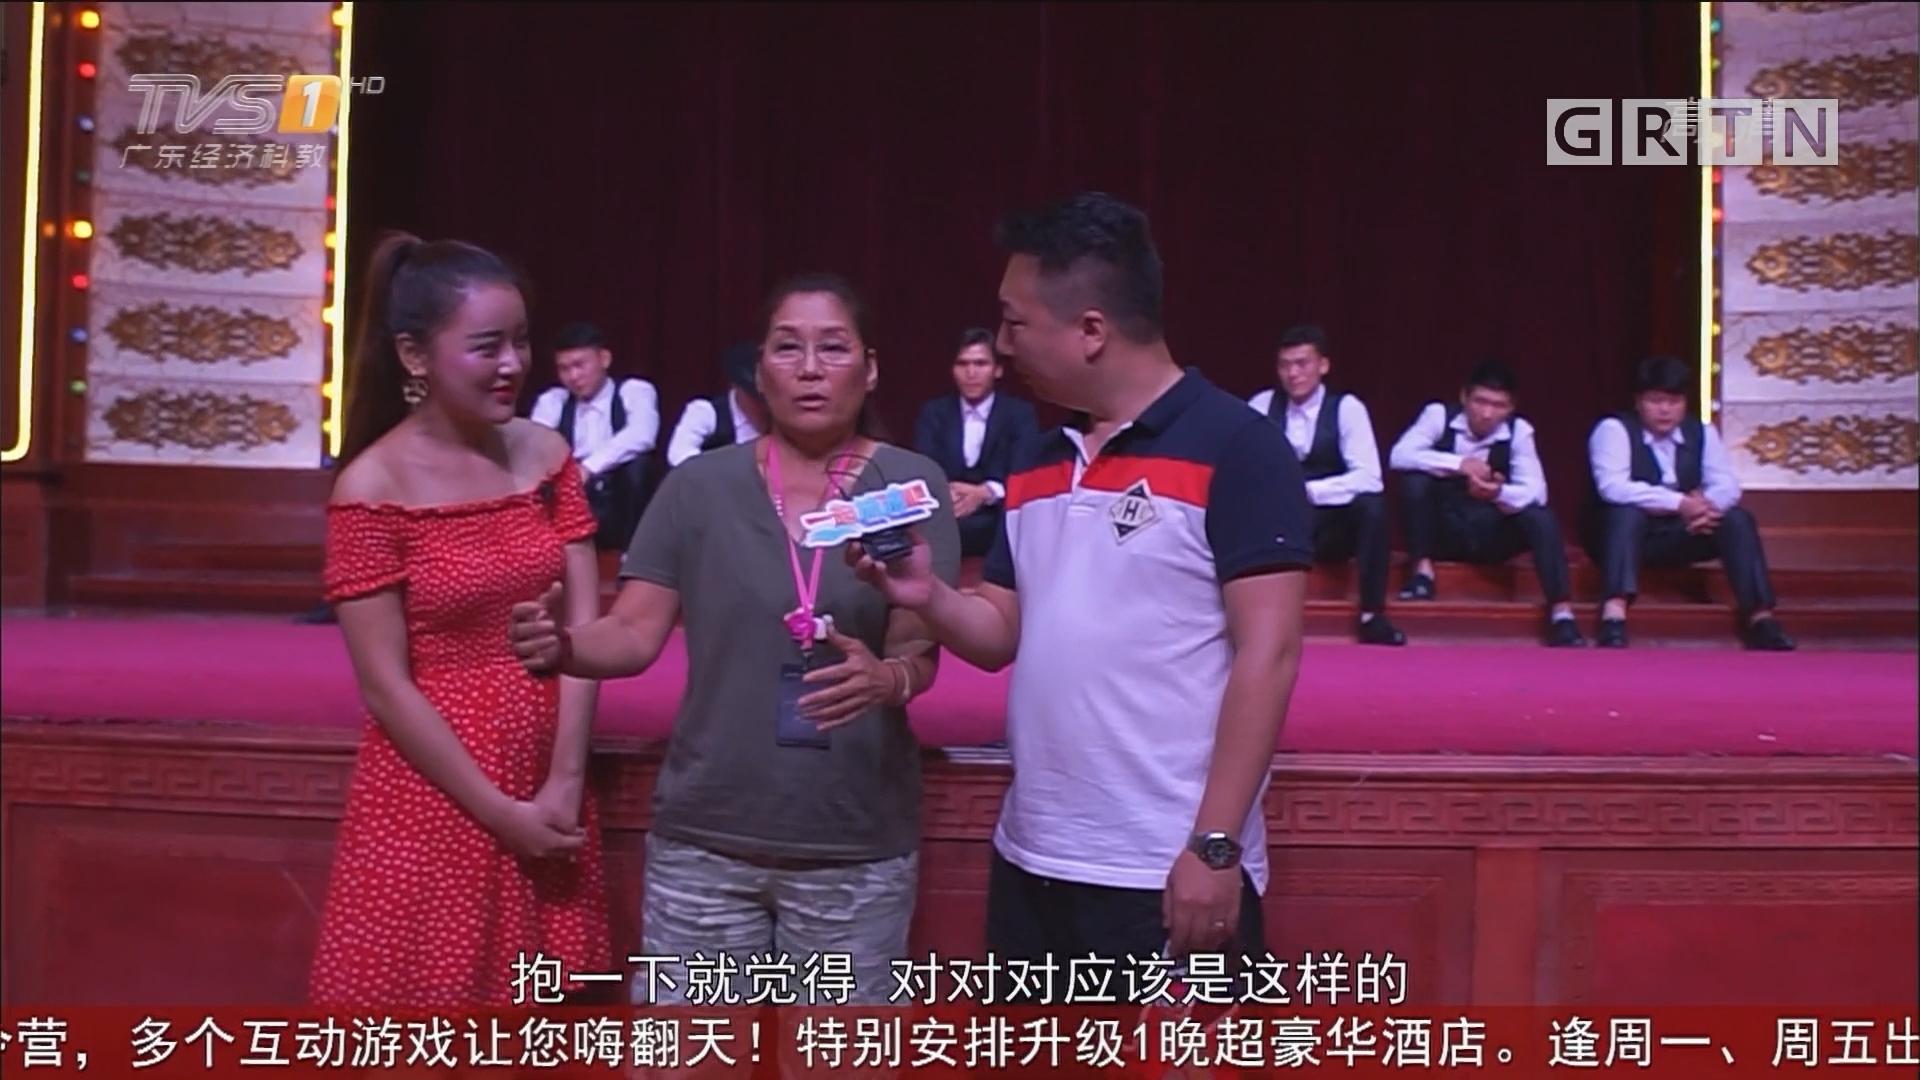 西樵山国艺影视城——拜师学艺